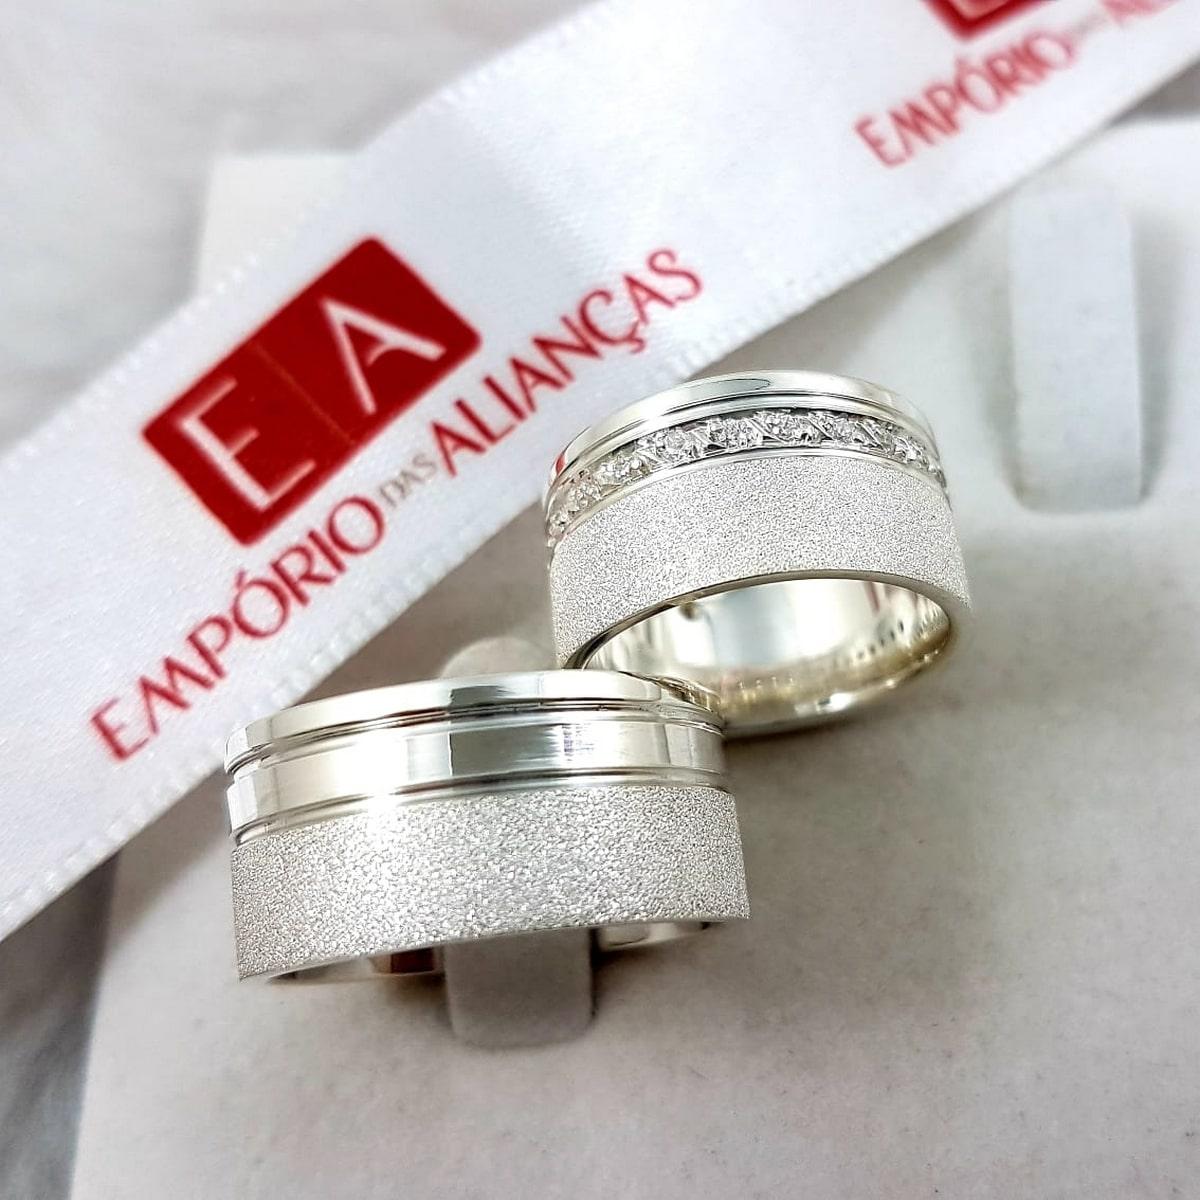 Alianças Prata Compromisso Namoro Quadrada Zircônia Fosco Diamantado 10mm 18 Gramas Anatômica